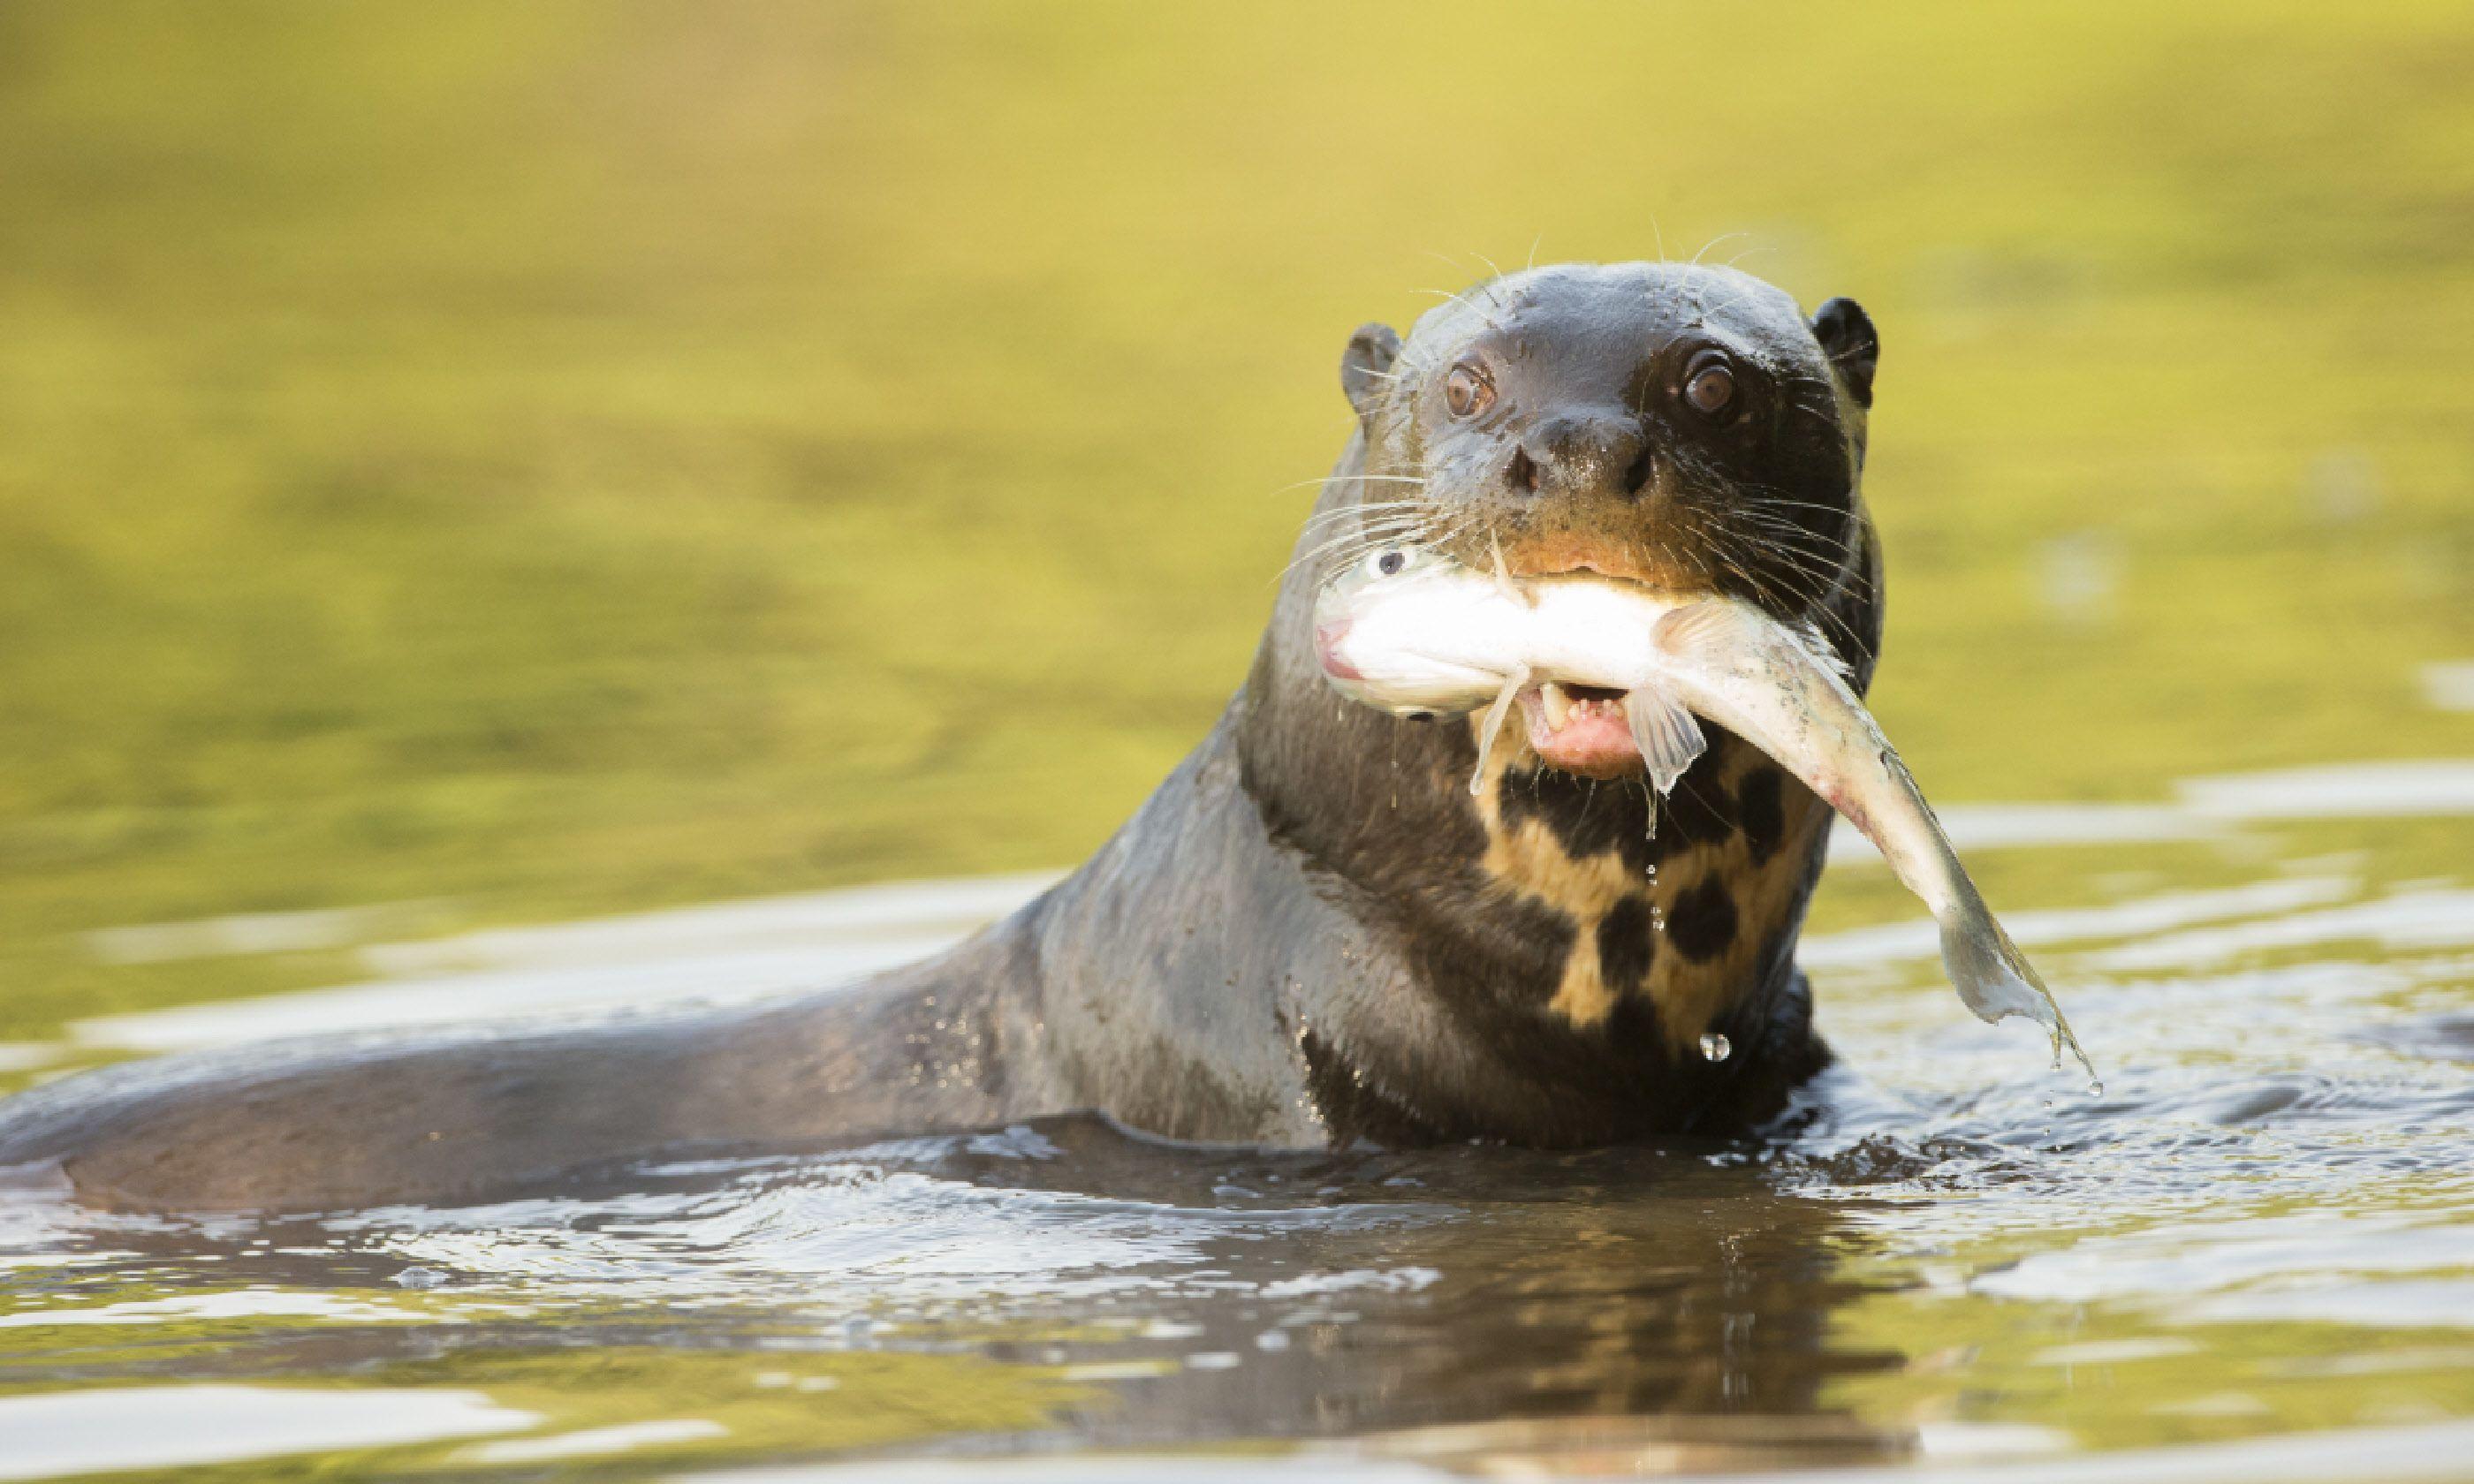 Giant otter (Shutterstock)